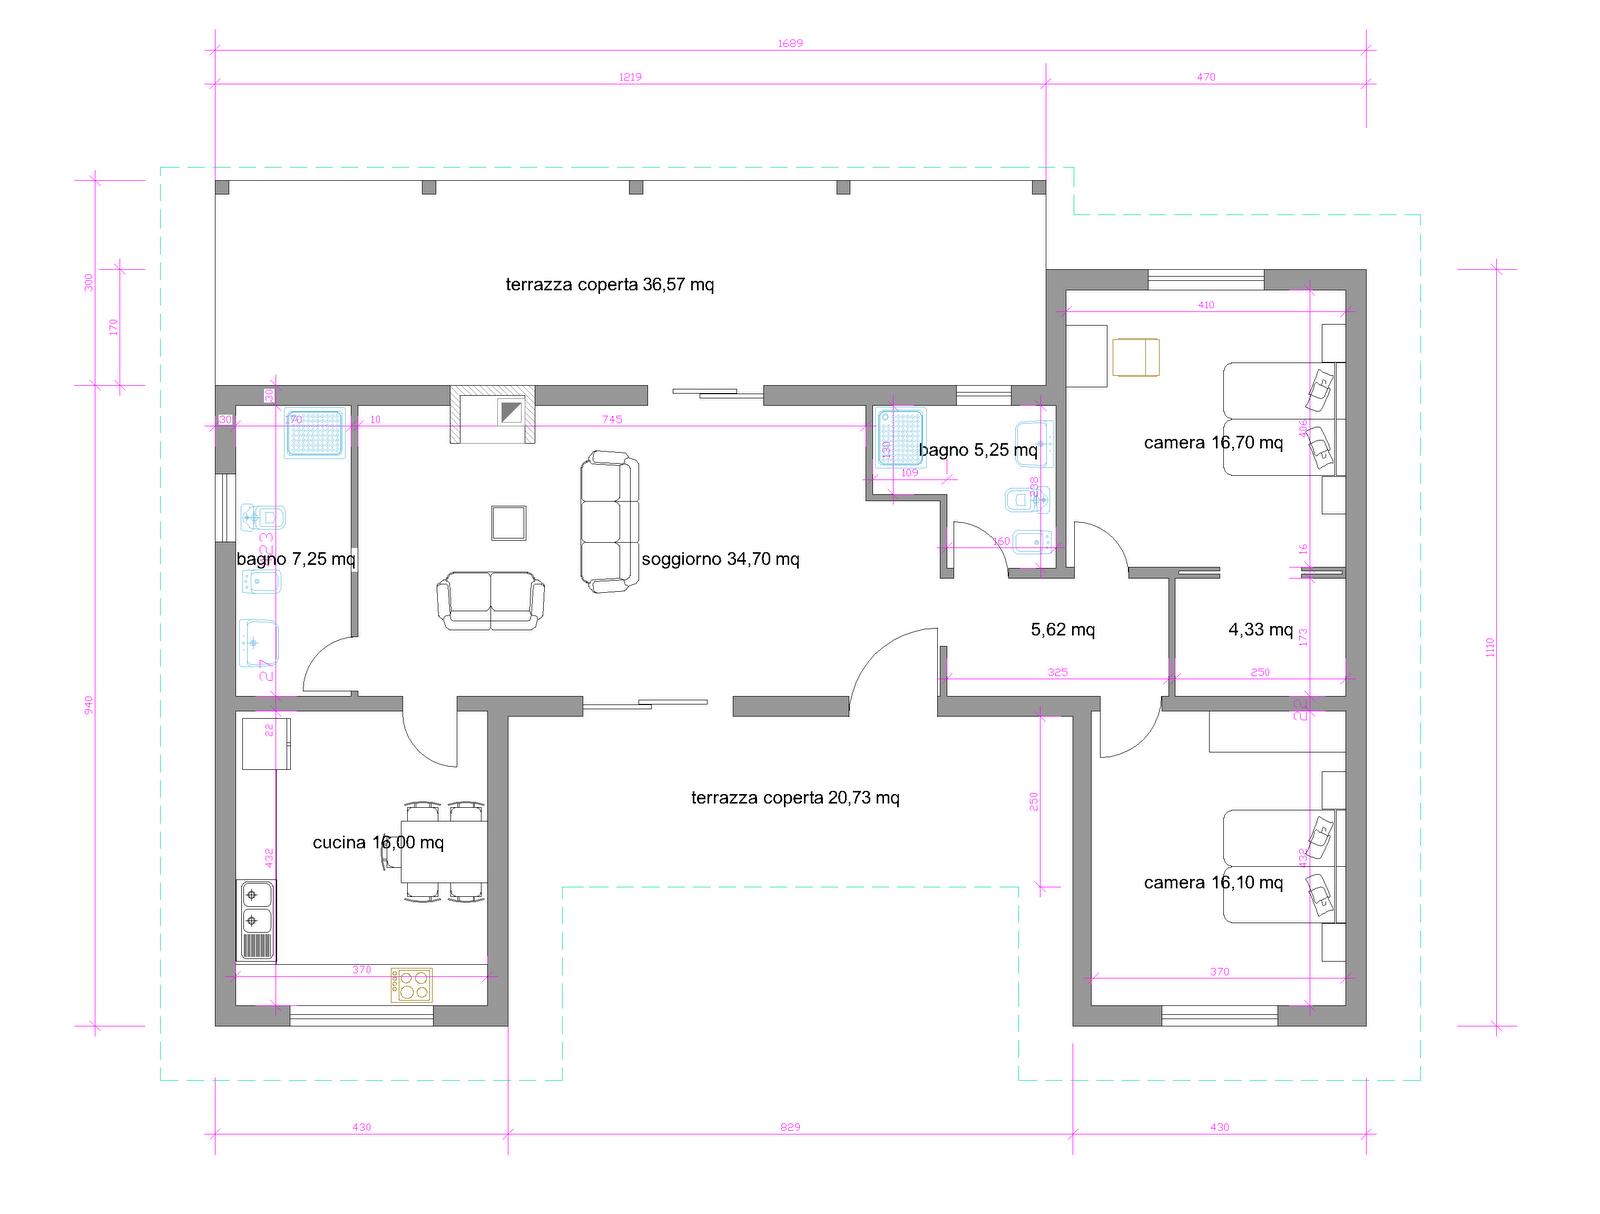 Villette moderne progetti arianna x m with villette for Progetti di case moderne